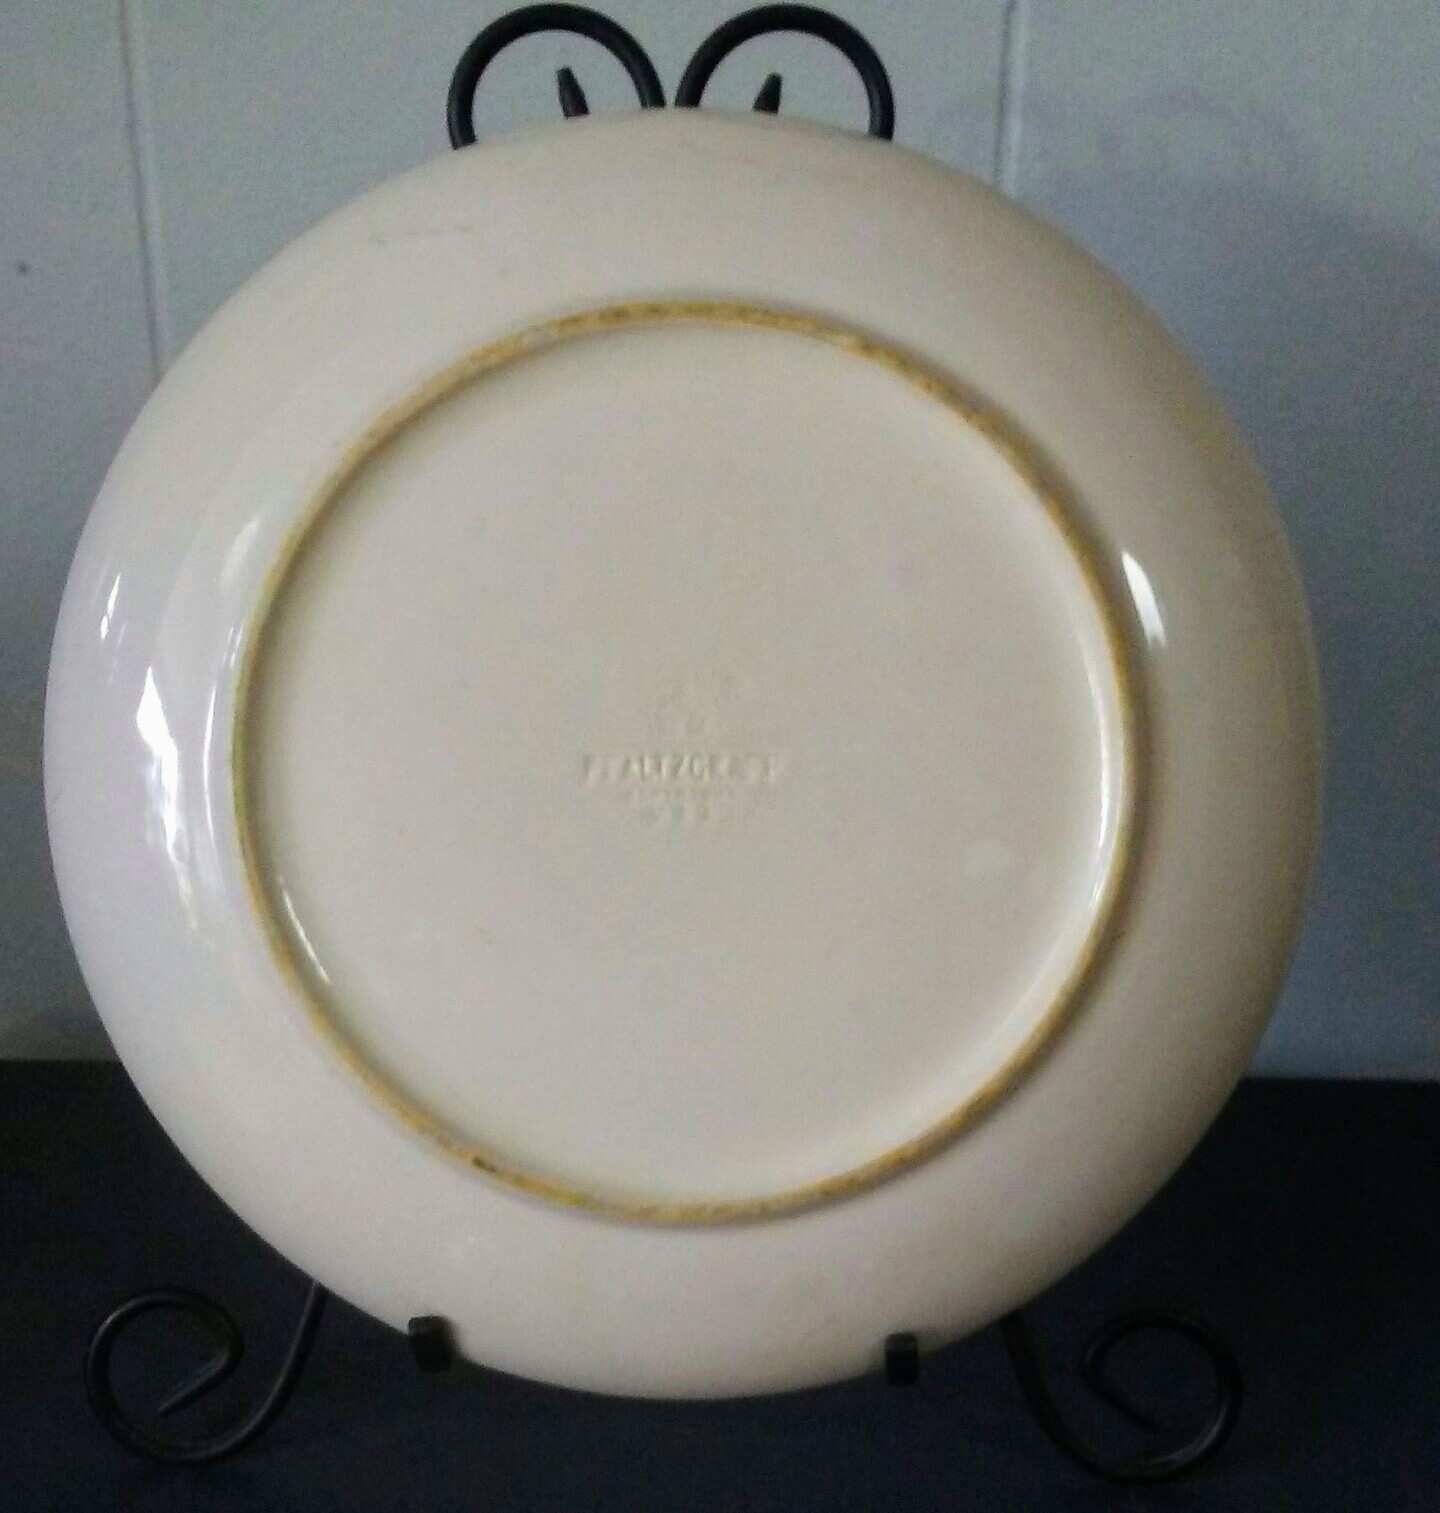 Cream Dinner Plates, Pfaltzgraff, Pfaltzgraff Replacements, Ceramic ...